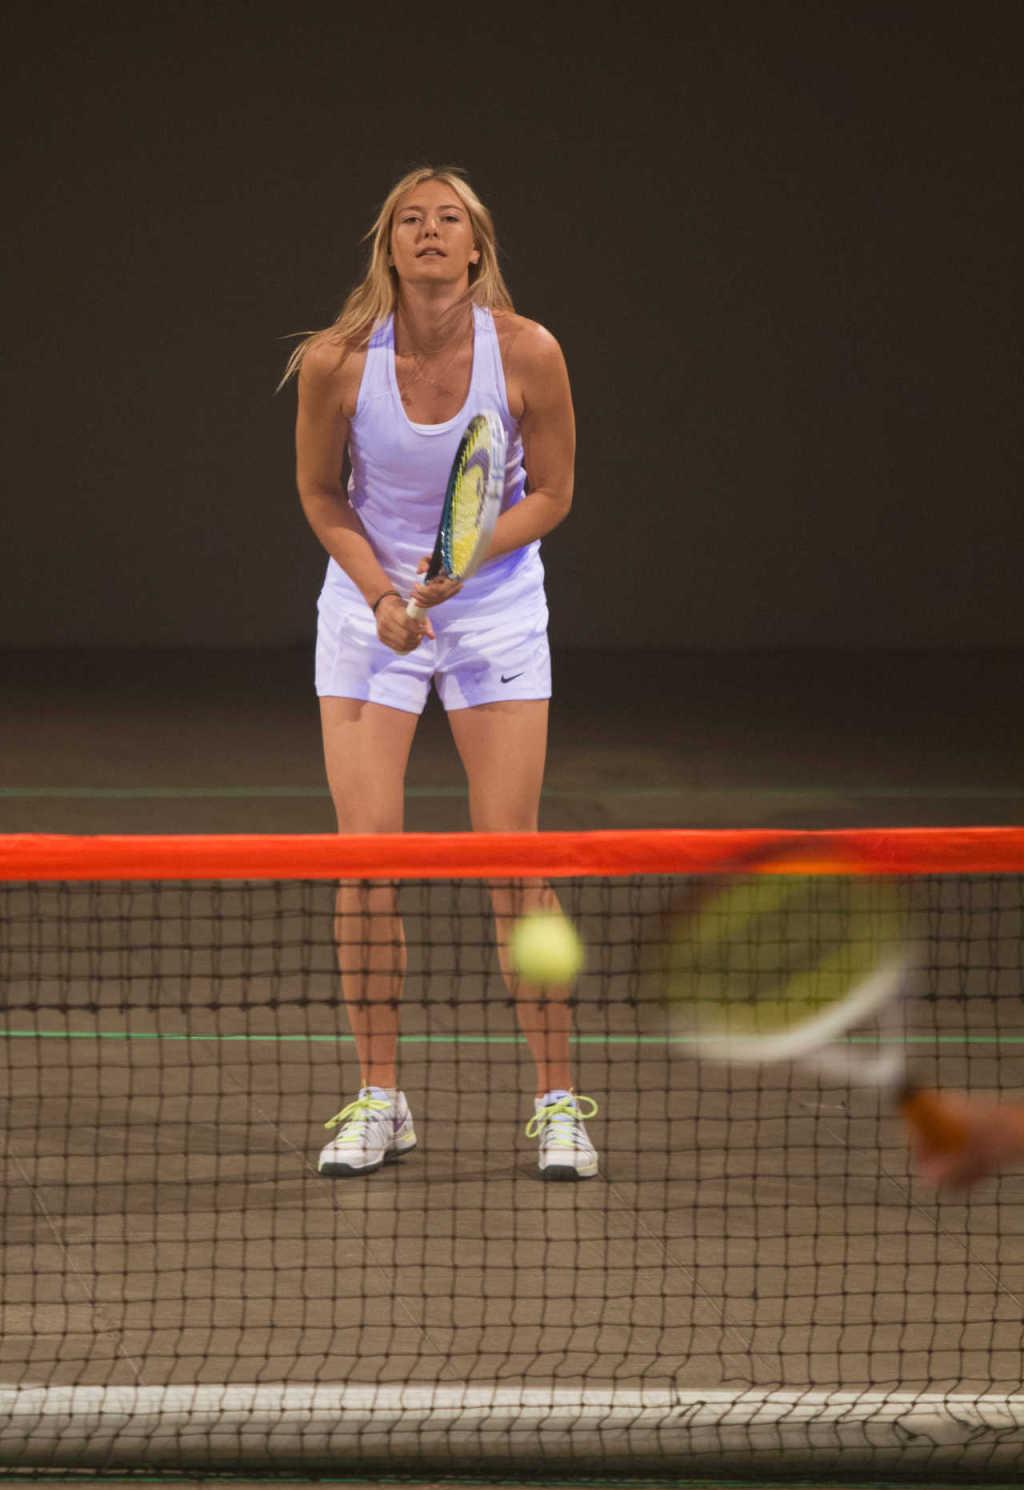 nike tennis wallpaper maria - photo #23